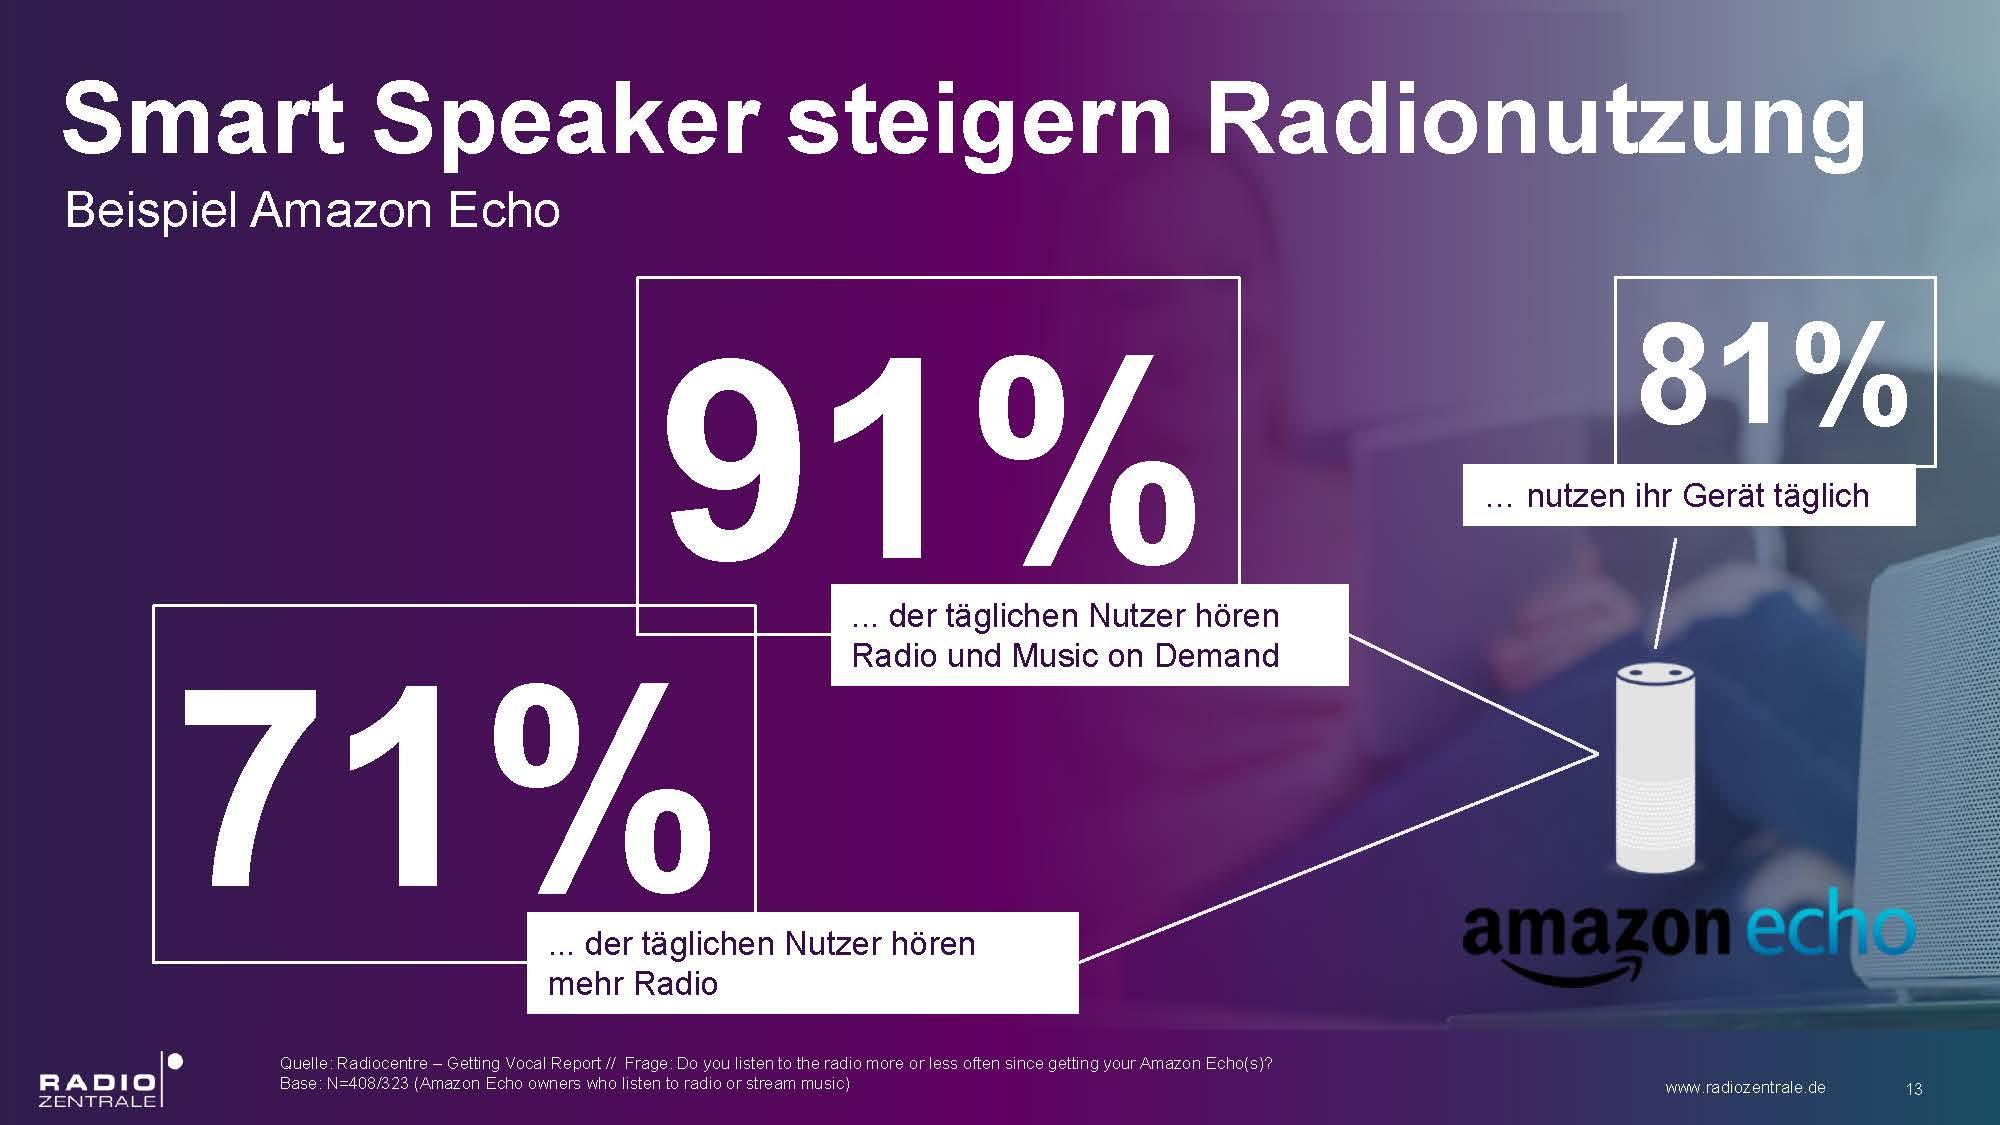 smart-speaker-steigern-radionutzung